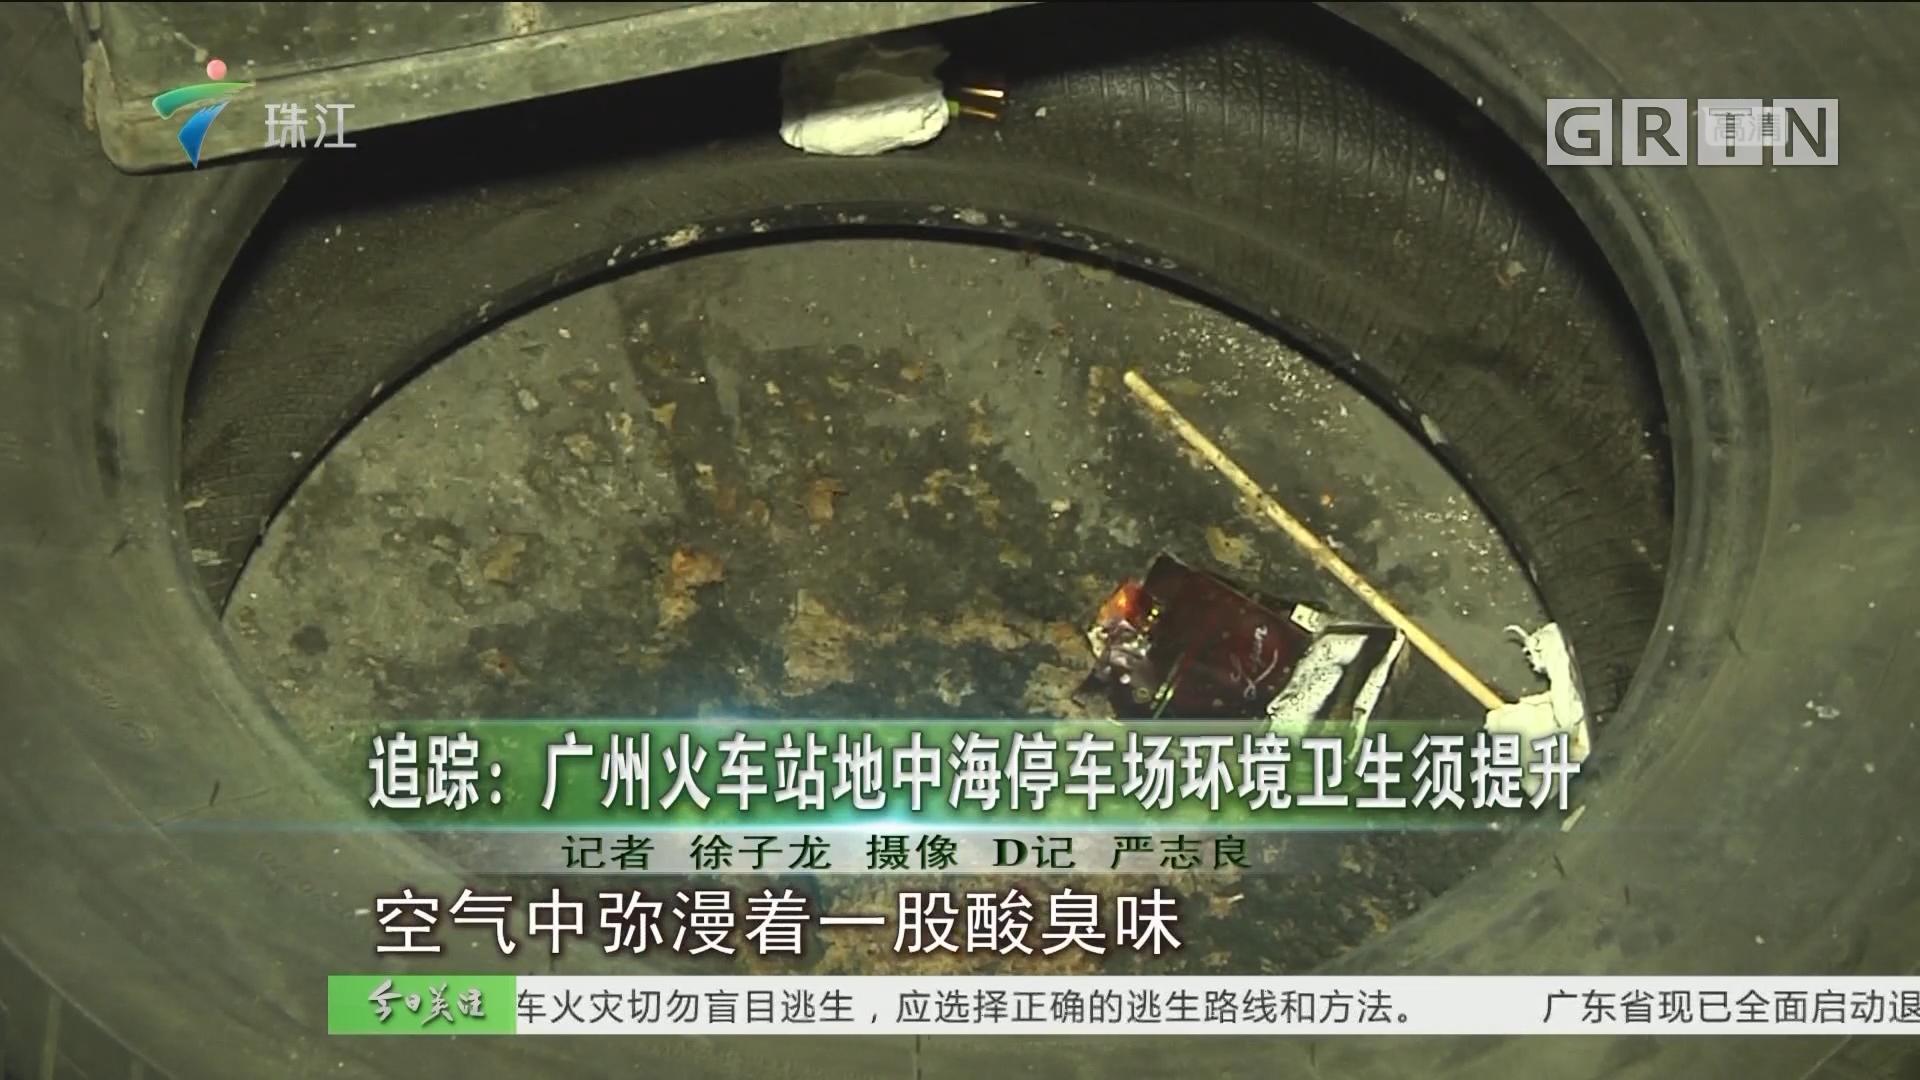 追踪:广州火车站地中海停车场环境卫生须提升